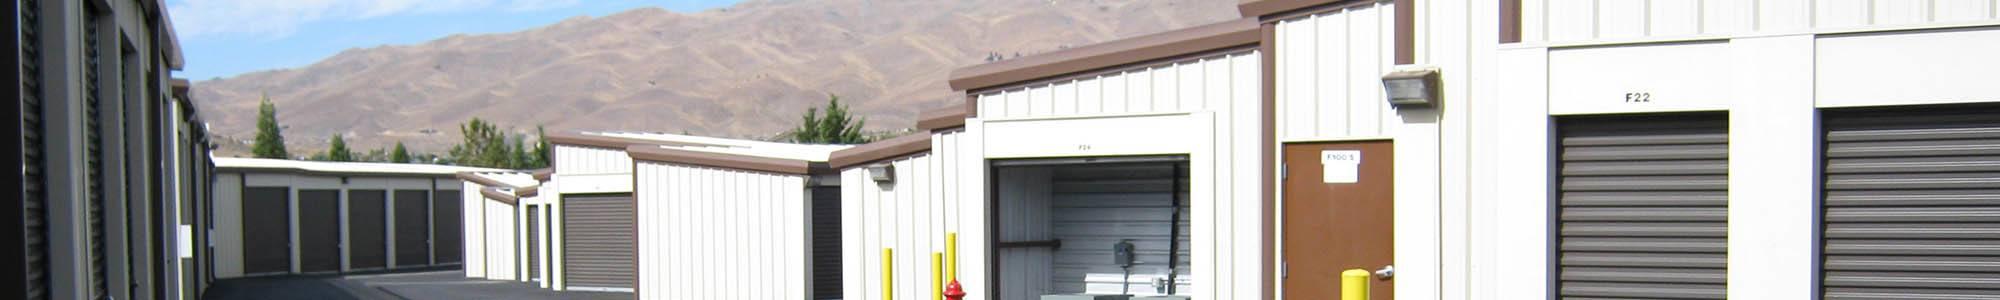 Reserve a unit at Interstate U-Stor